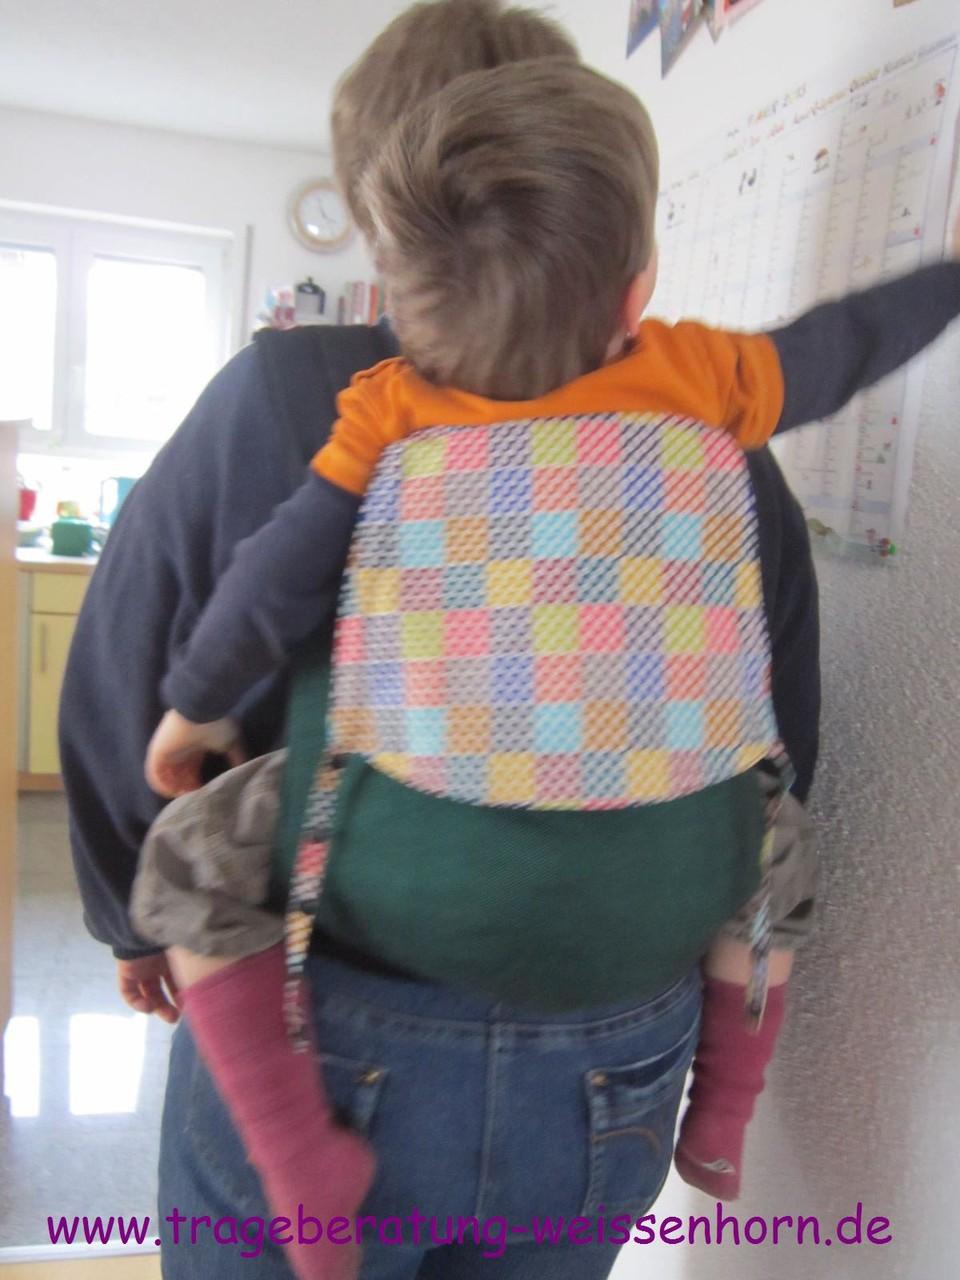 Frl.Hübsch toddlersize mit vierjährigem Tragling